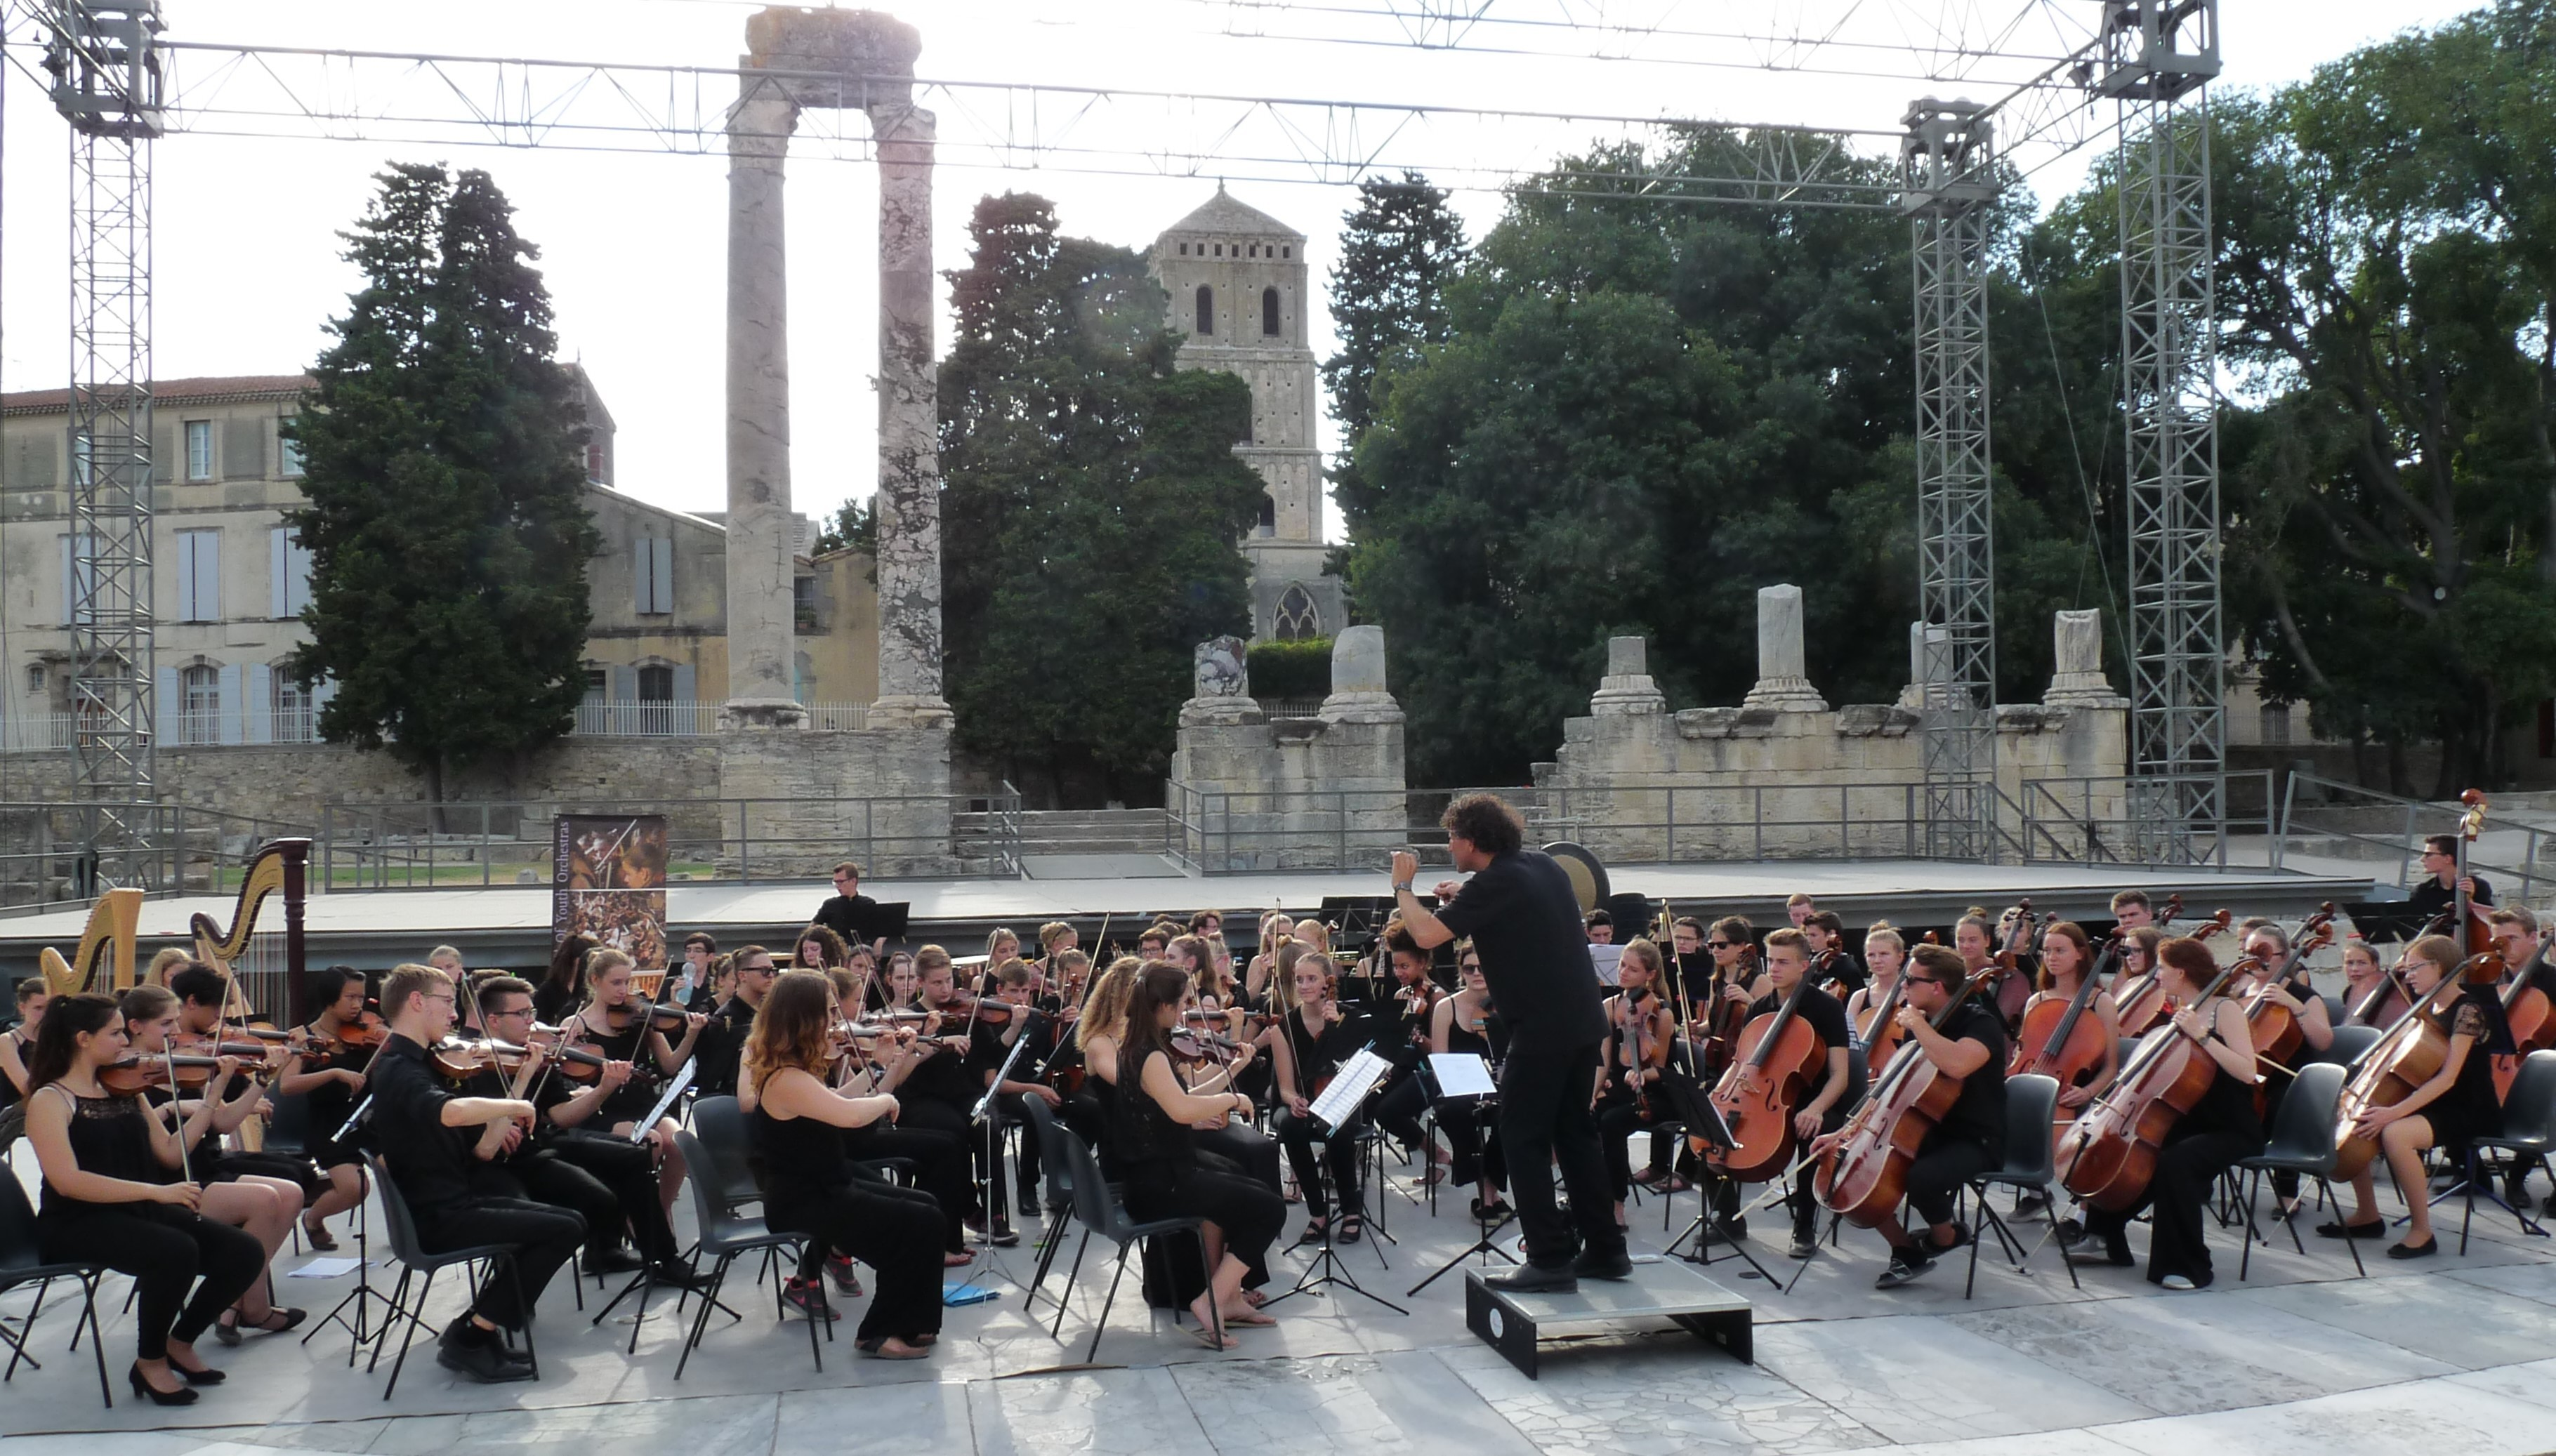 Des concerts d'inspiration jazz et classique